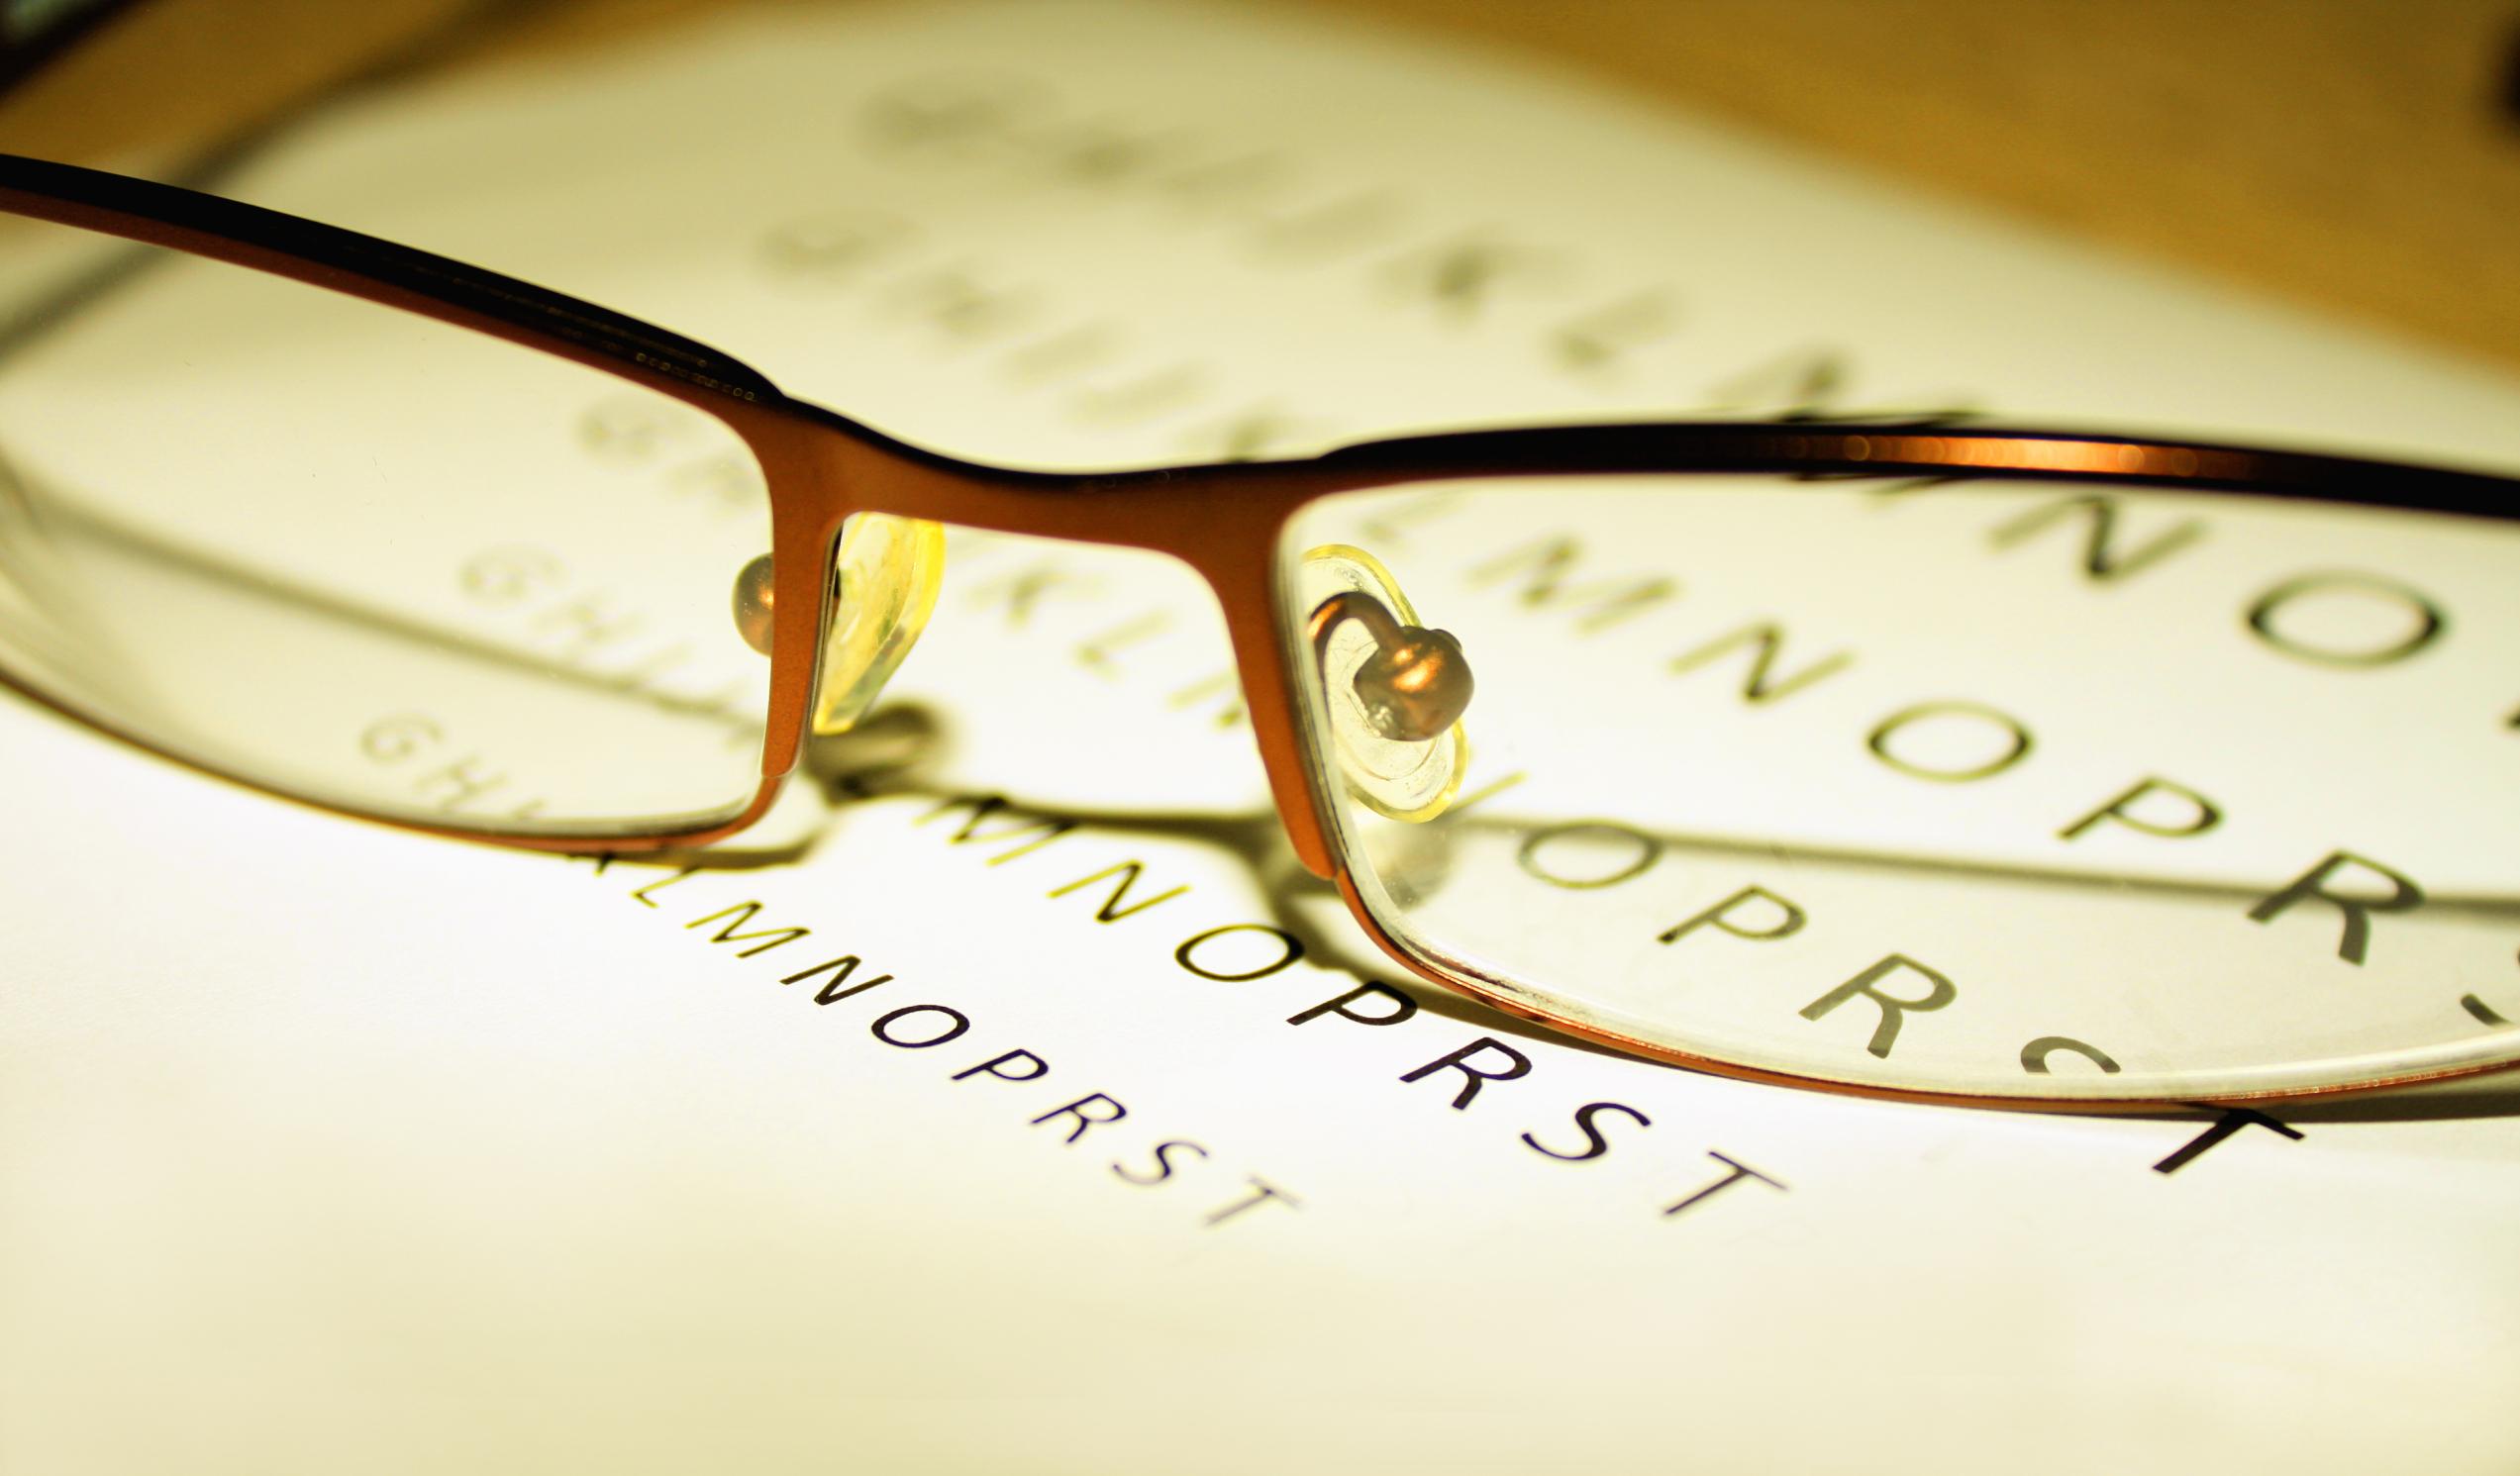 viziunea a scăzut brusc într-o singură zi scăderea vederii după 50 de ani